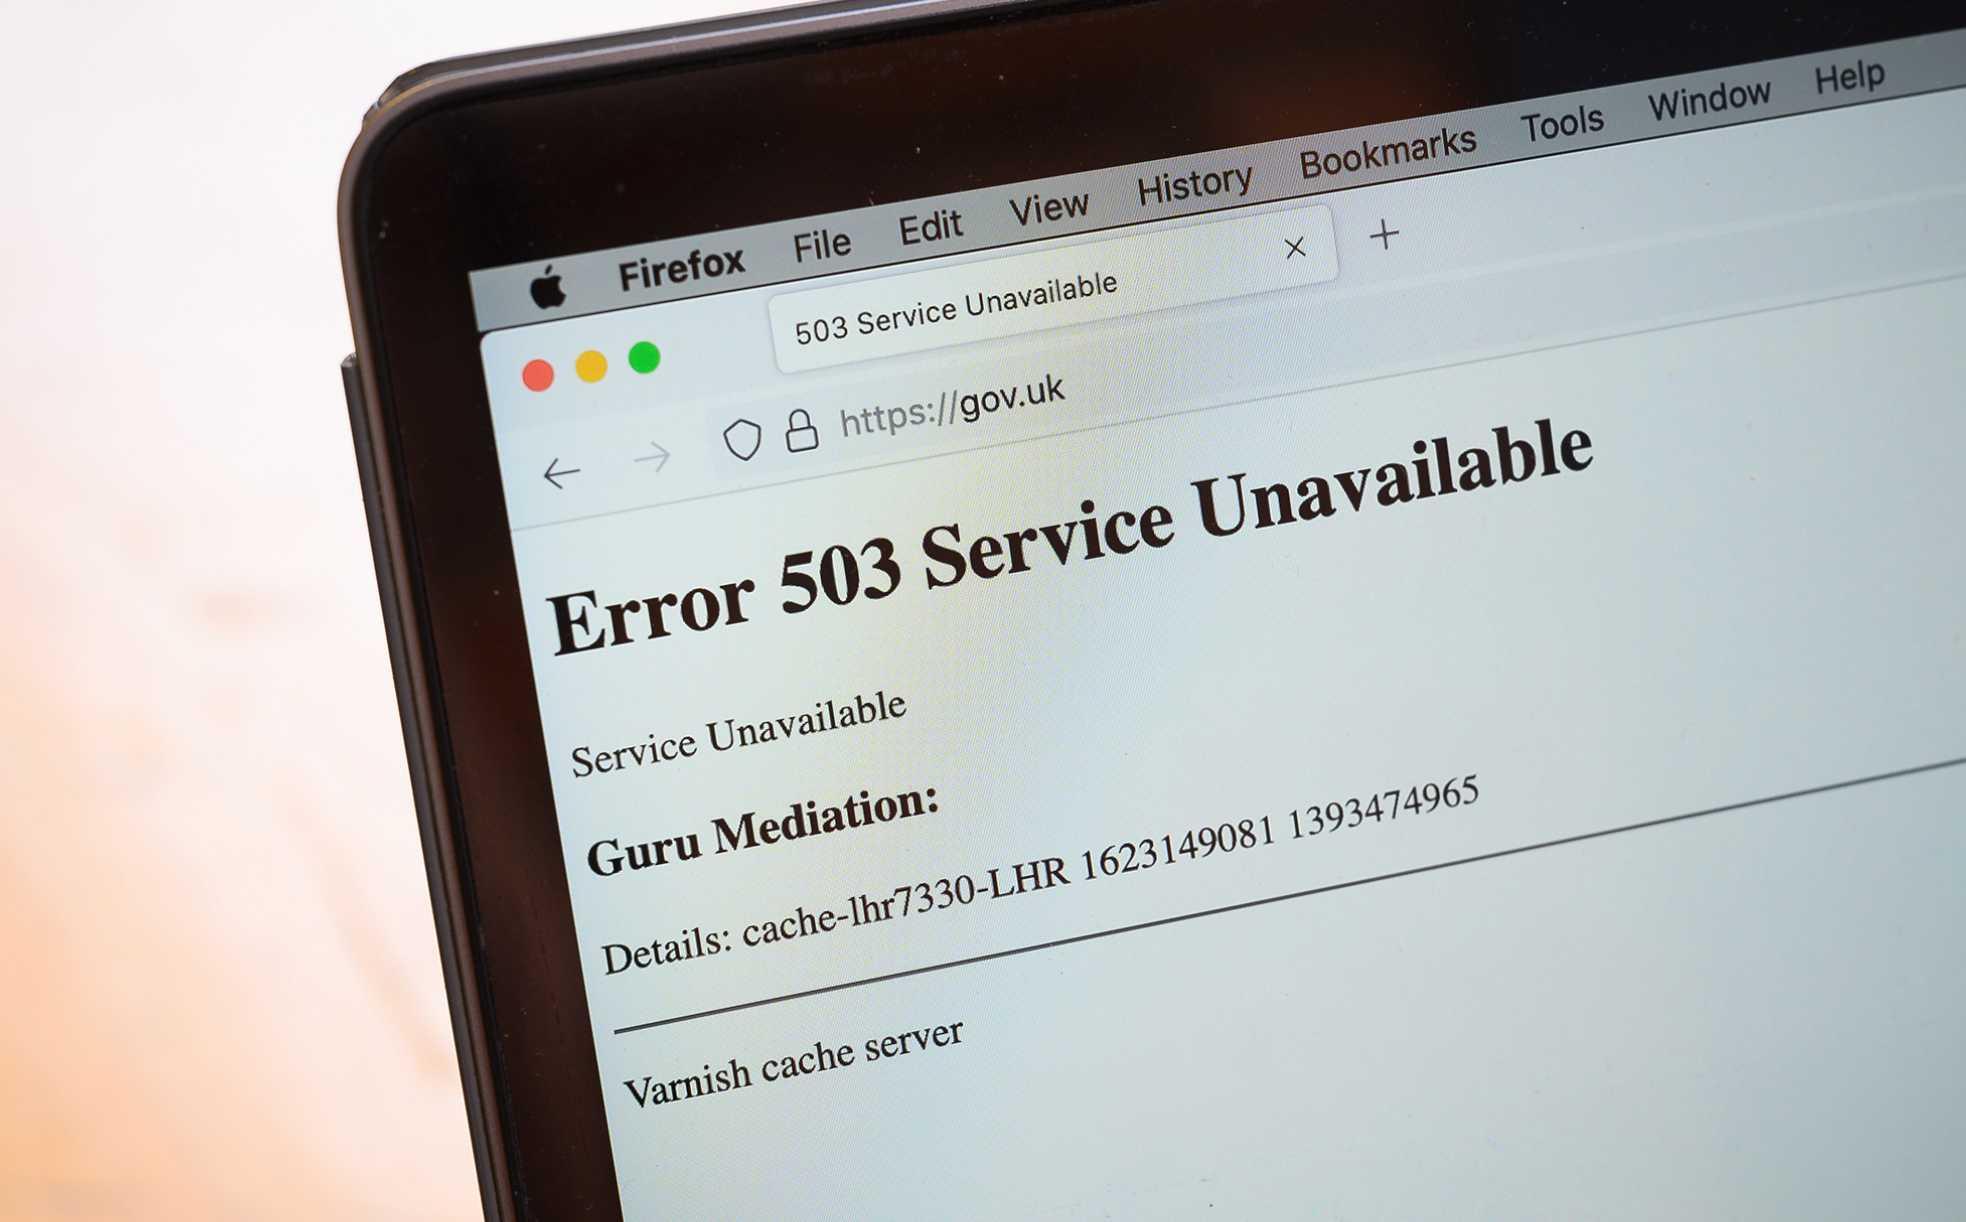 Minuto a minuto: gran apagón de internet afecta sitios web y las  aplicaciones de todo el mundo | CNN